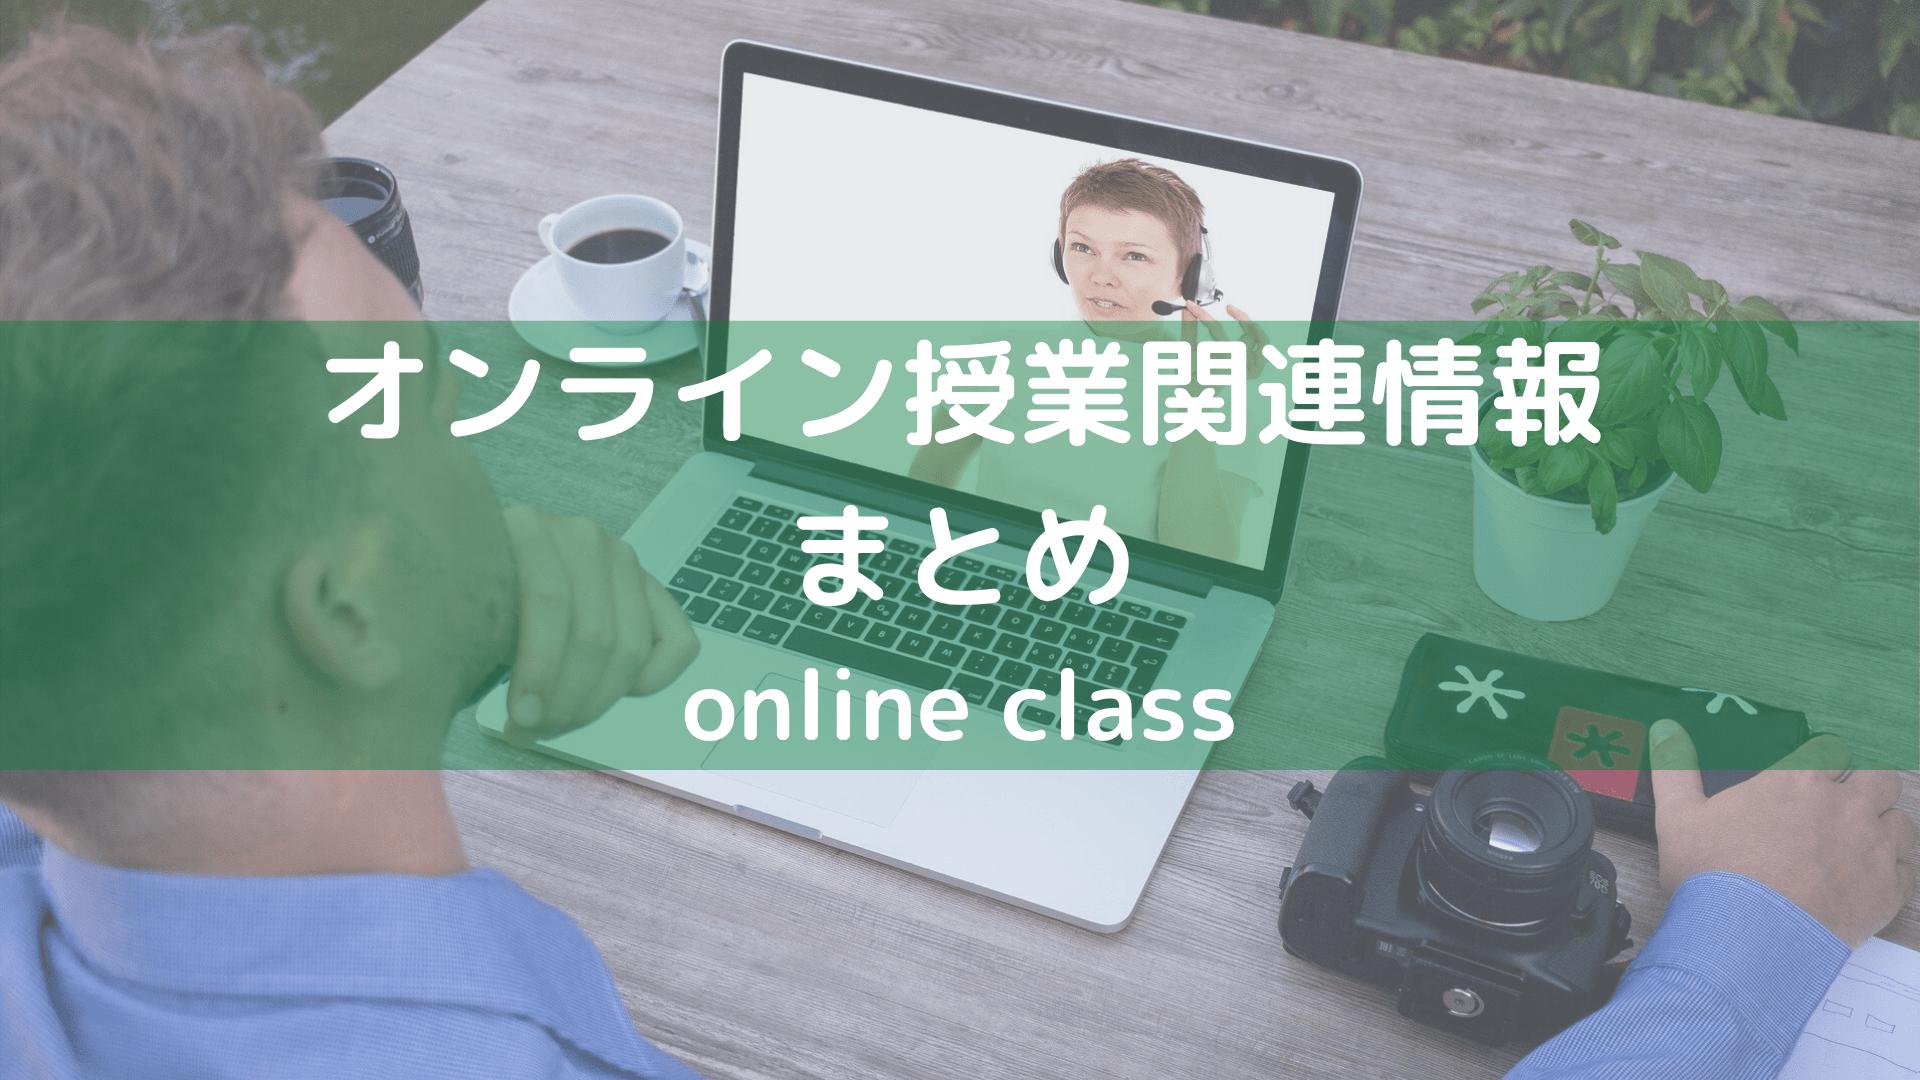 オンライン授業関連情報まとめ